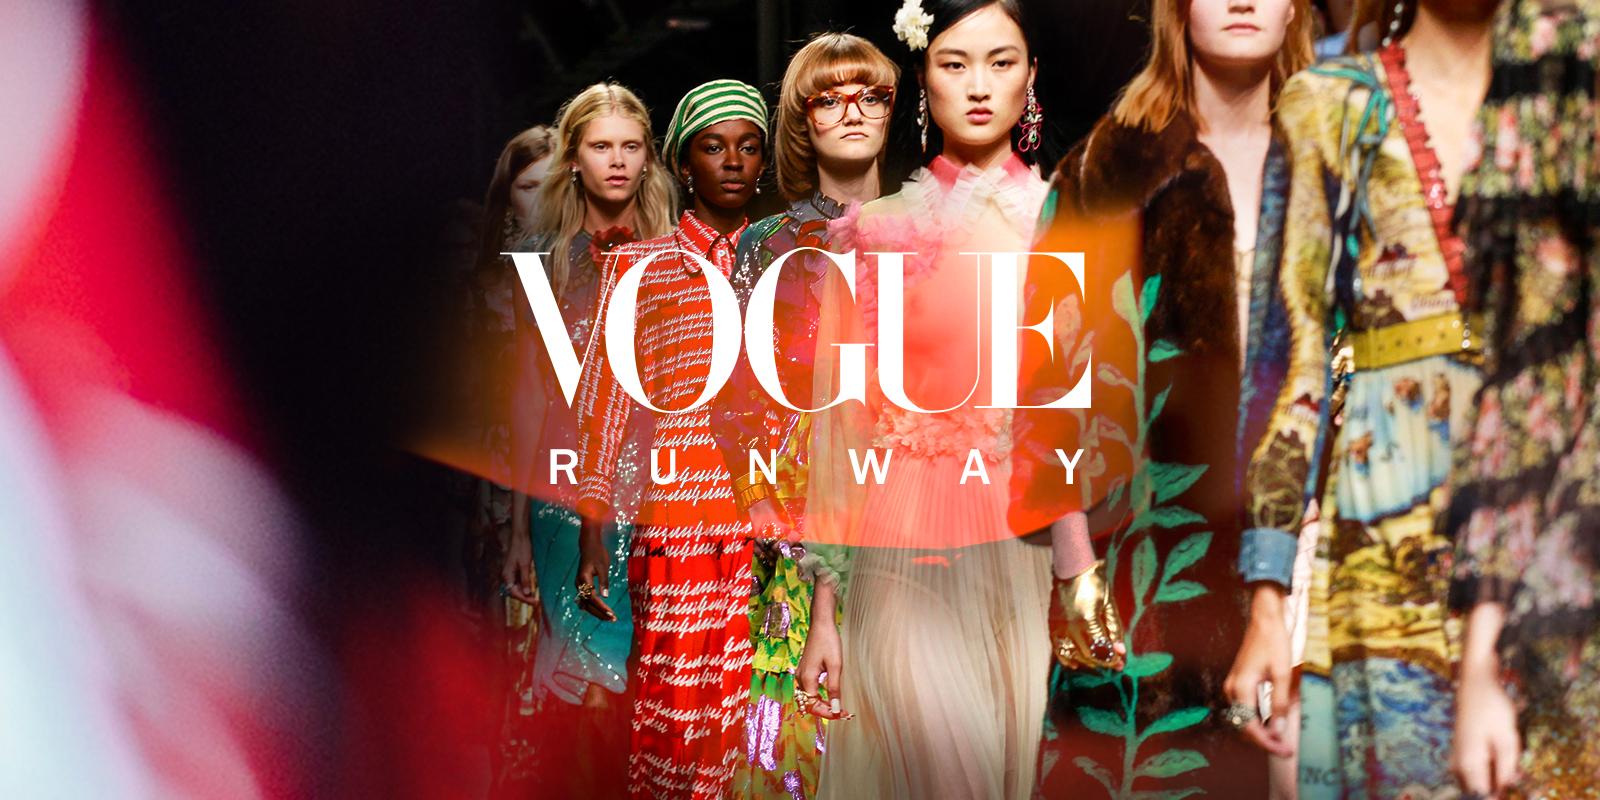 Vogue celebrities